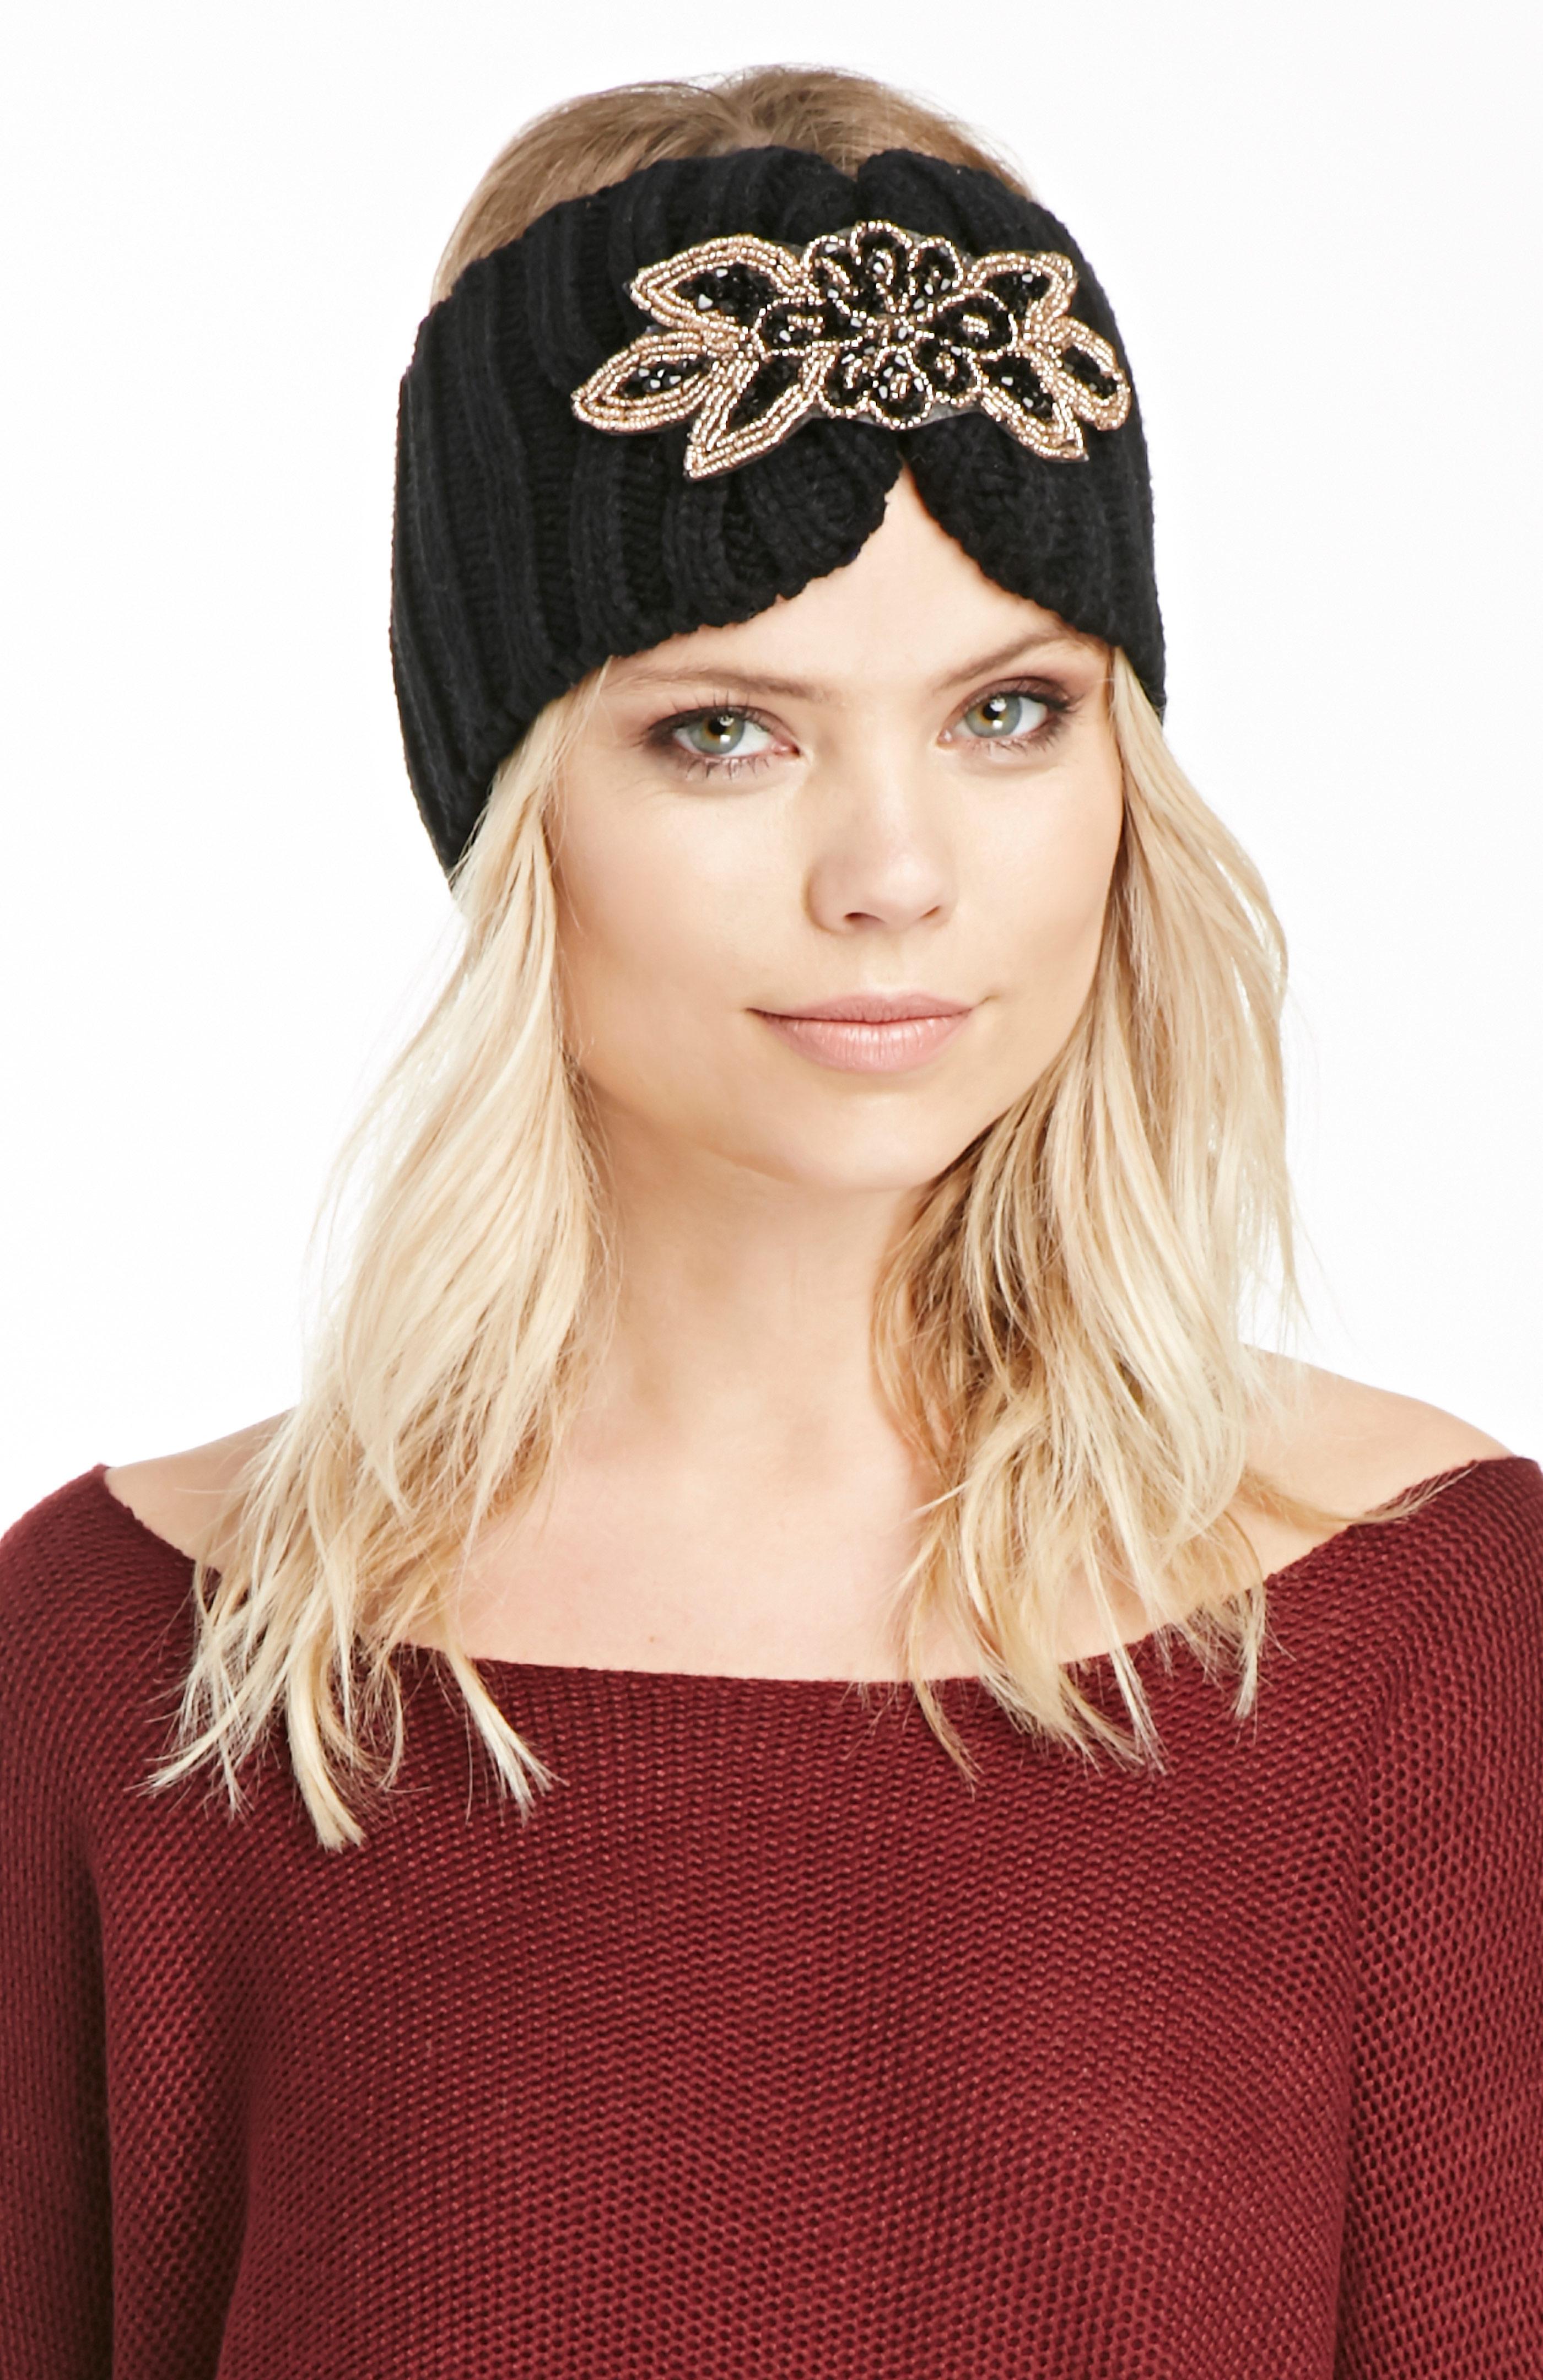 Fiona Jeweled Knit Headband in black at DAILYLOOK